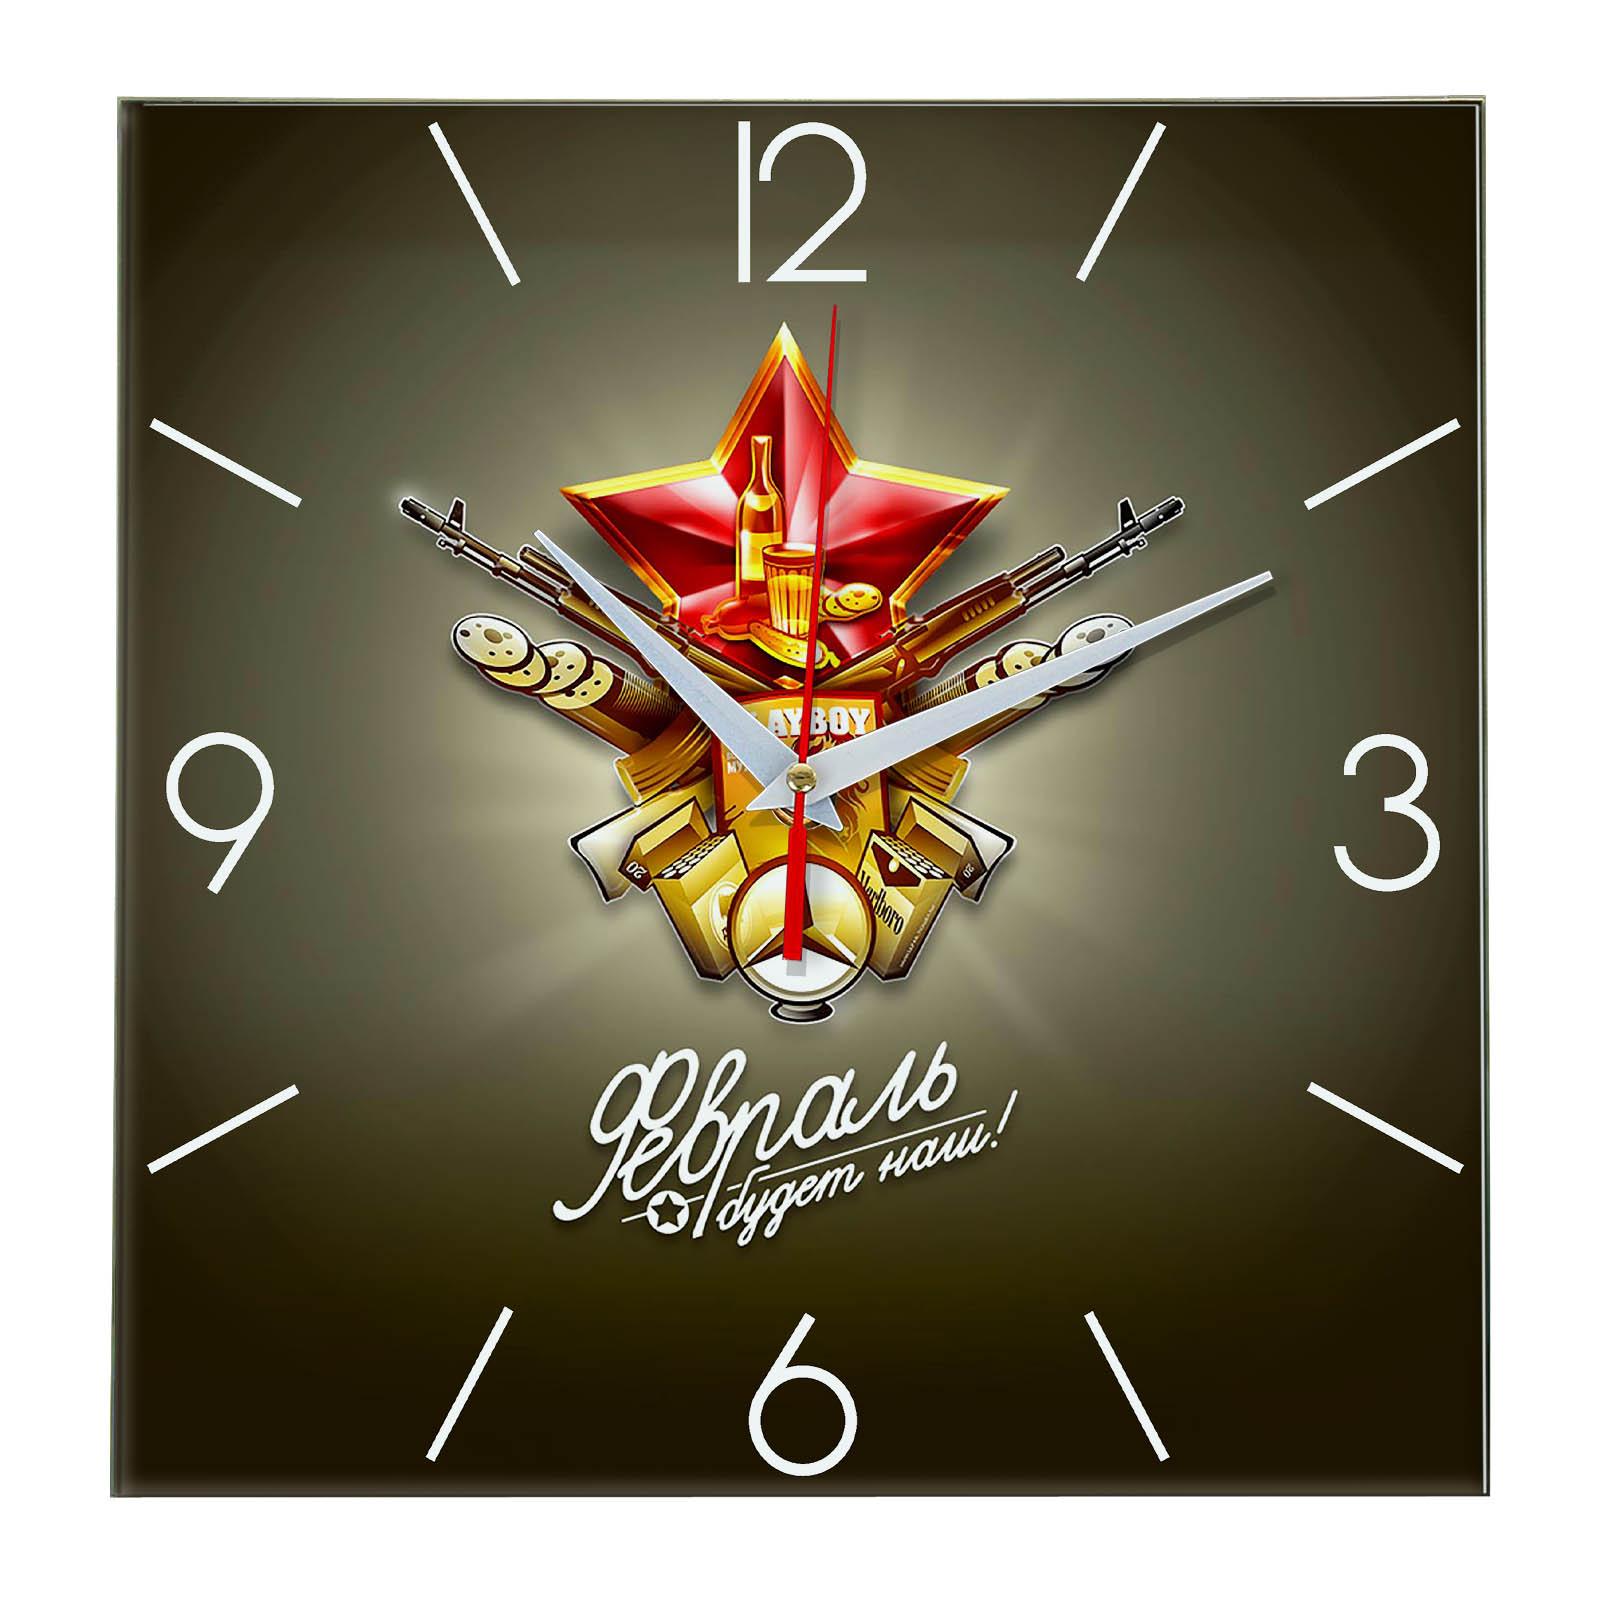 Часы подарок на 23 февраля «Февраль будет наш»